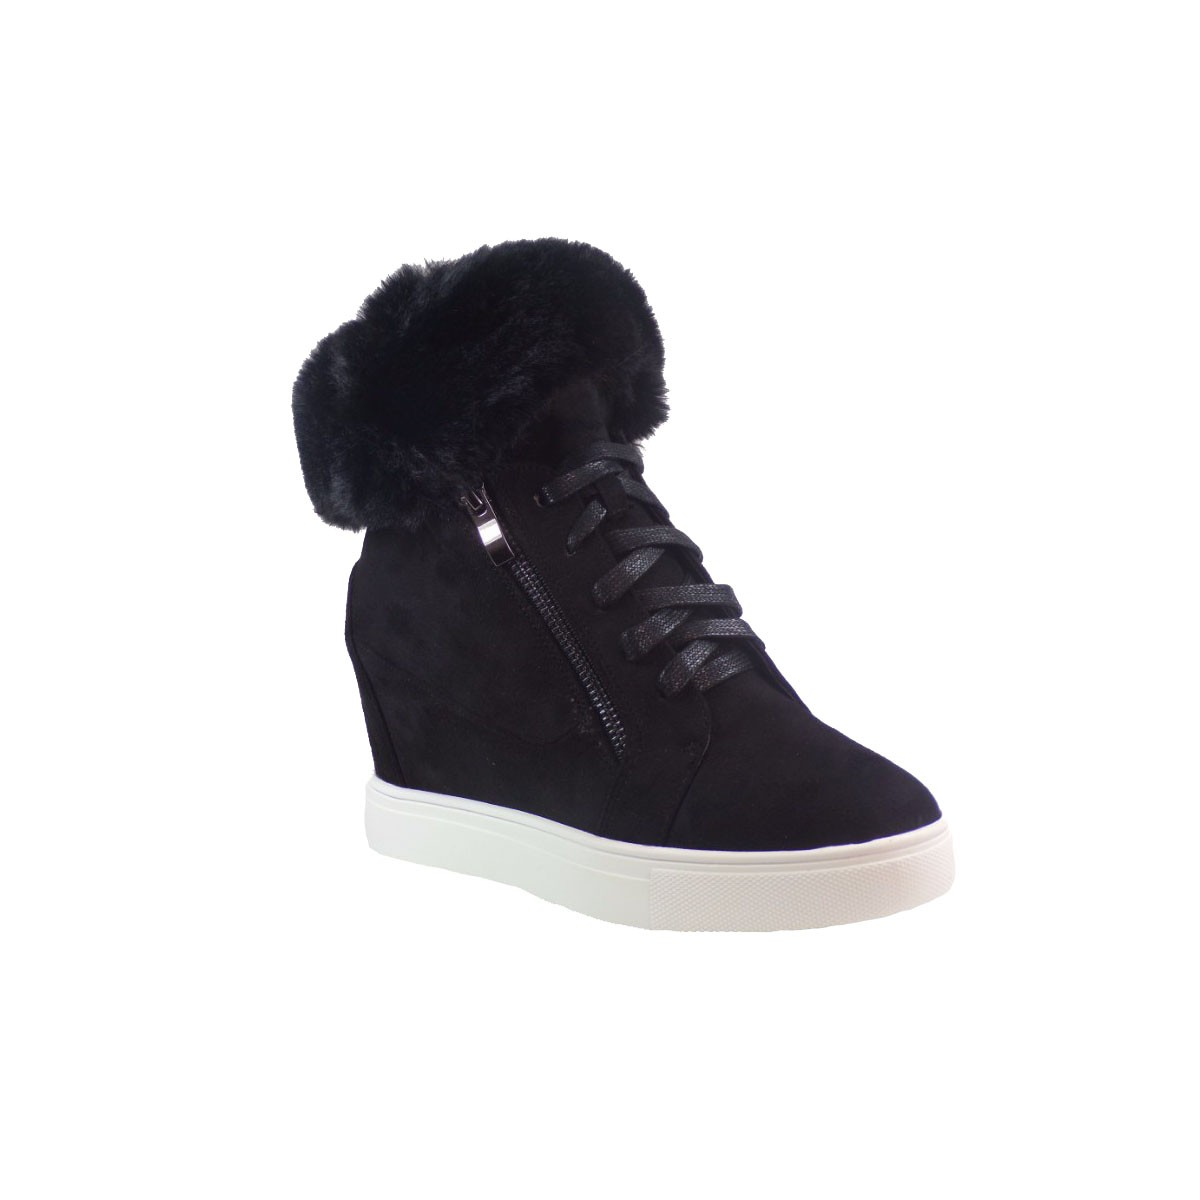 21c0445731a προσφορές σε γυναικεία παπούτσια – Γυναικείο μποτάκι ΕΧΕ – καστόρι –  επώνυμα μποτάκια